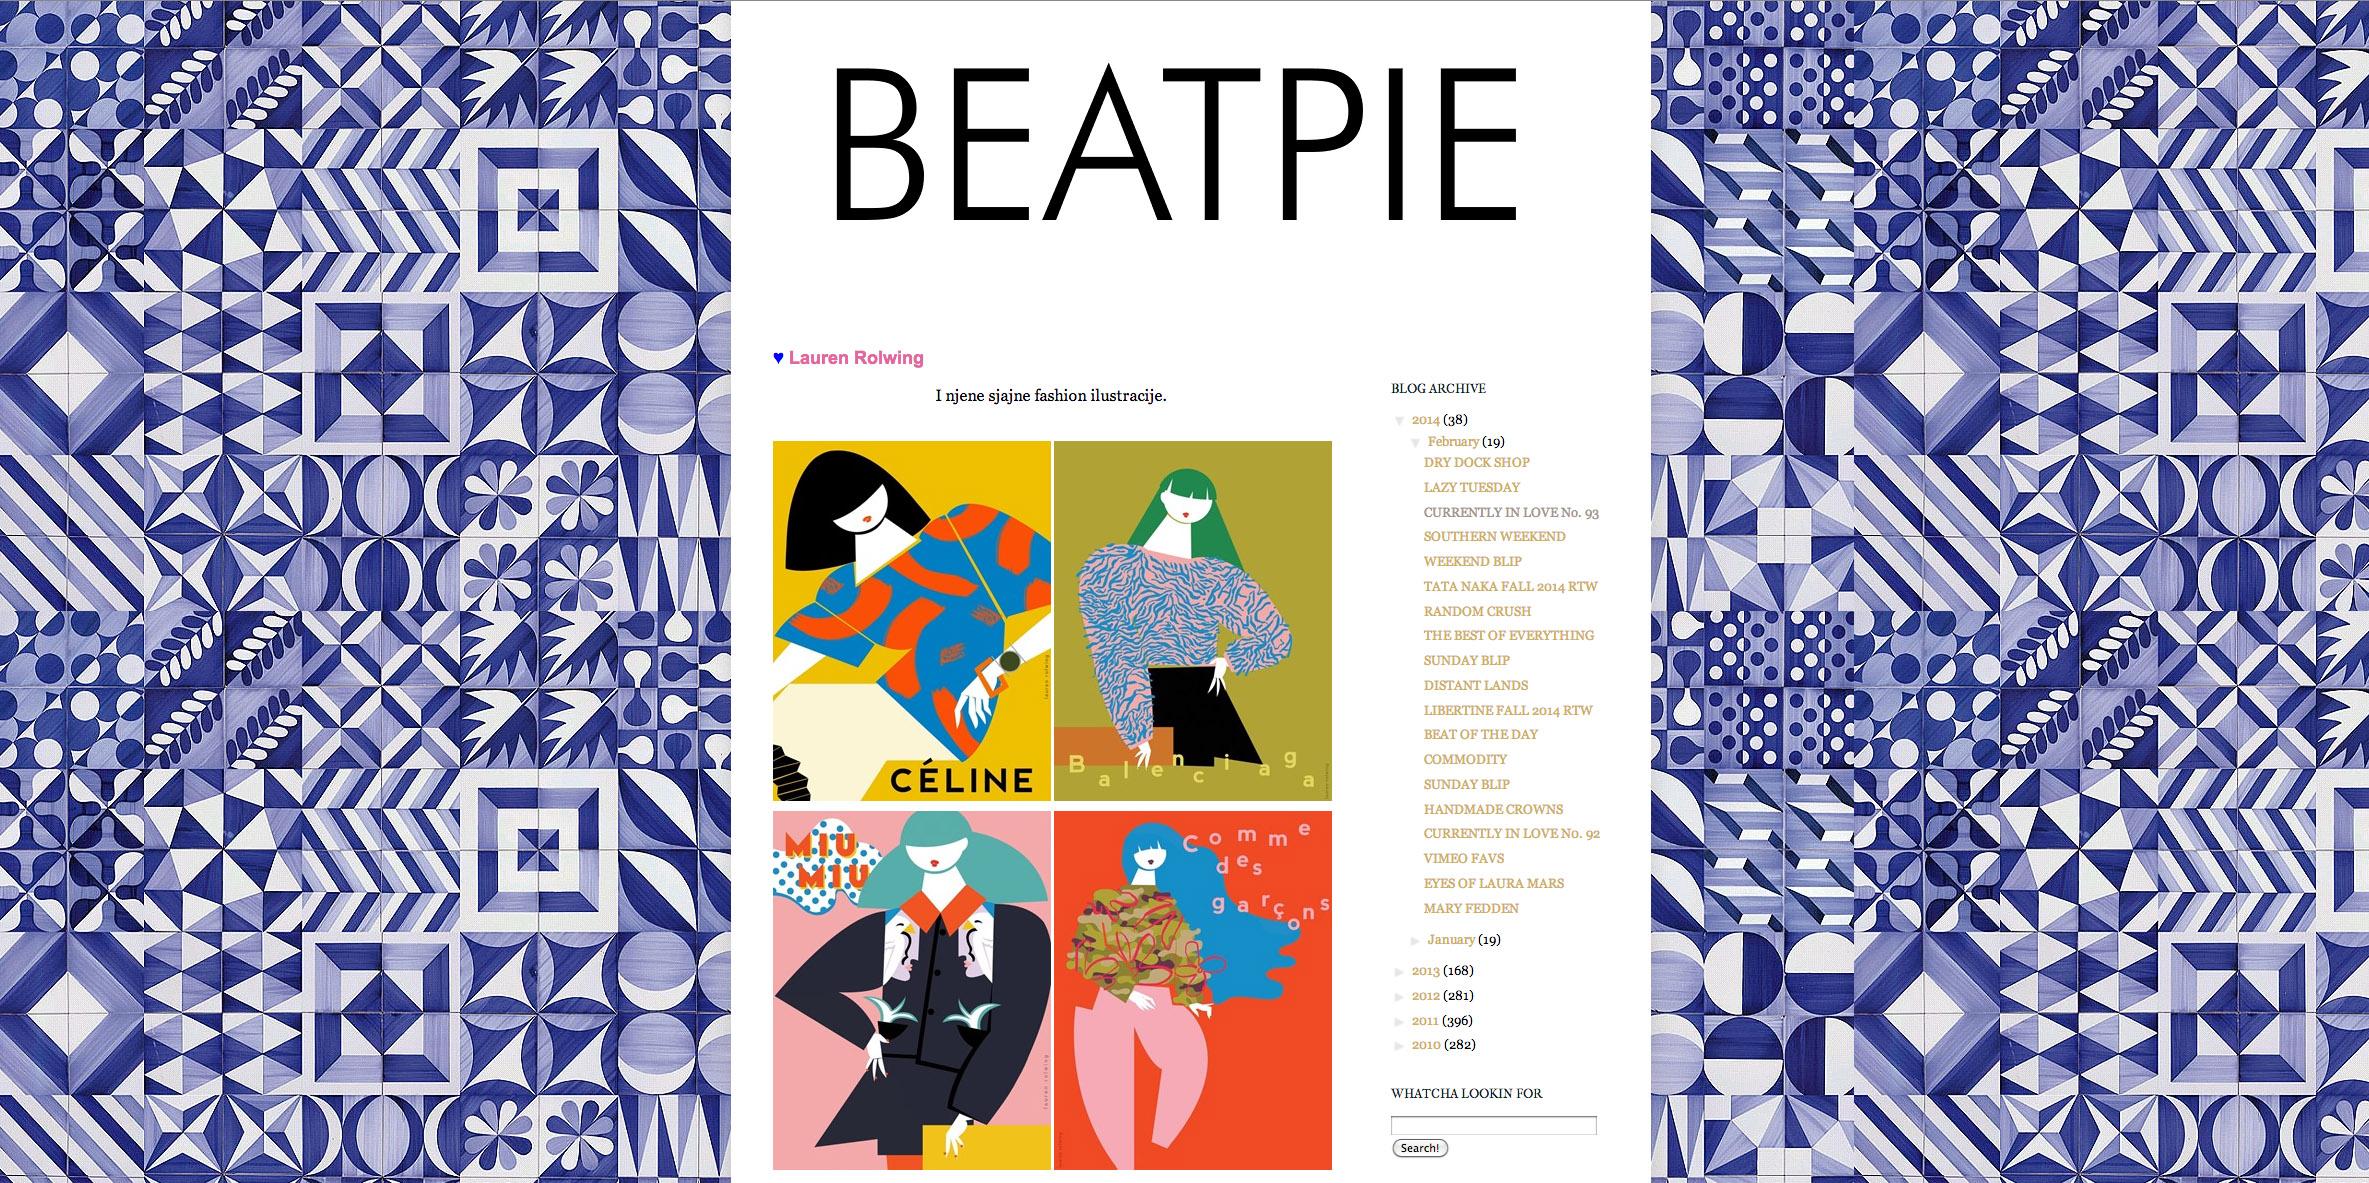 BeatpiepressWEB.jpg